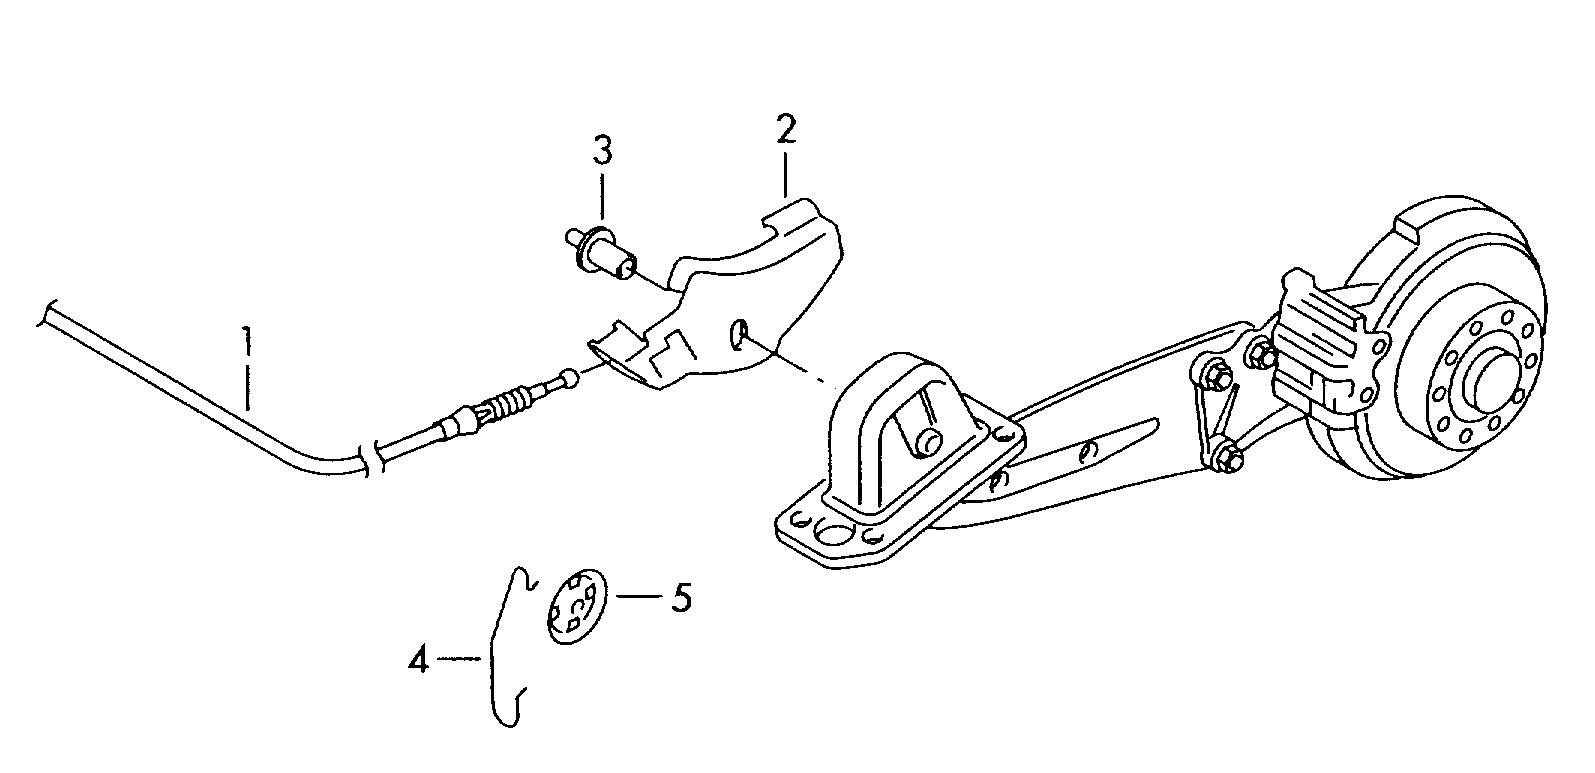 регулировка стояночного тормоза фольксваген джетта 5